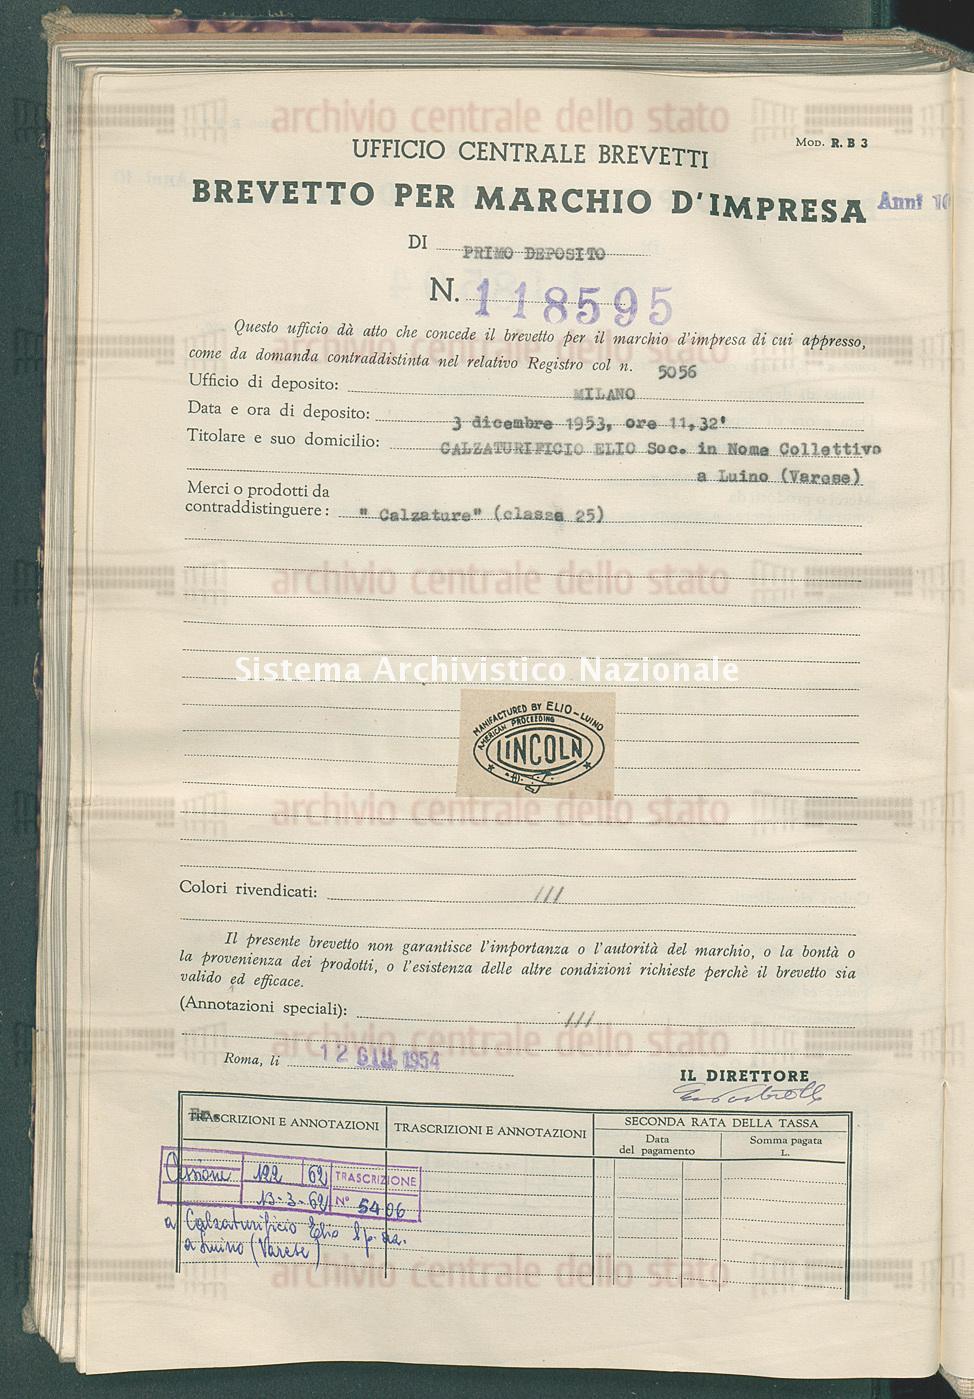 'Calzature' Calzaturificio Elio Soc. In Nome Collettivo (12/06/1954)